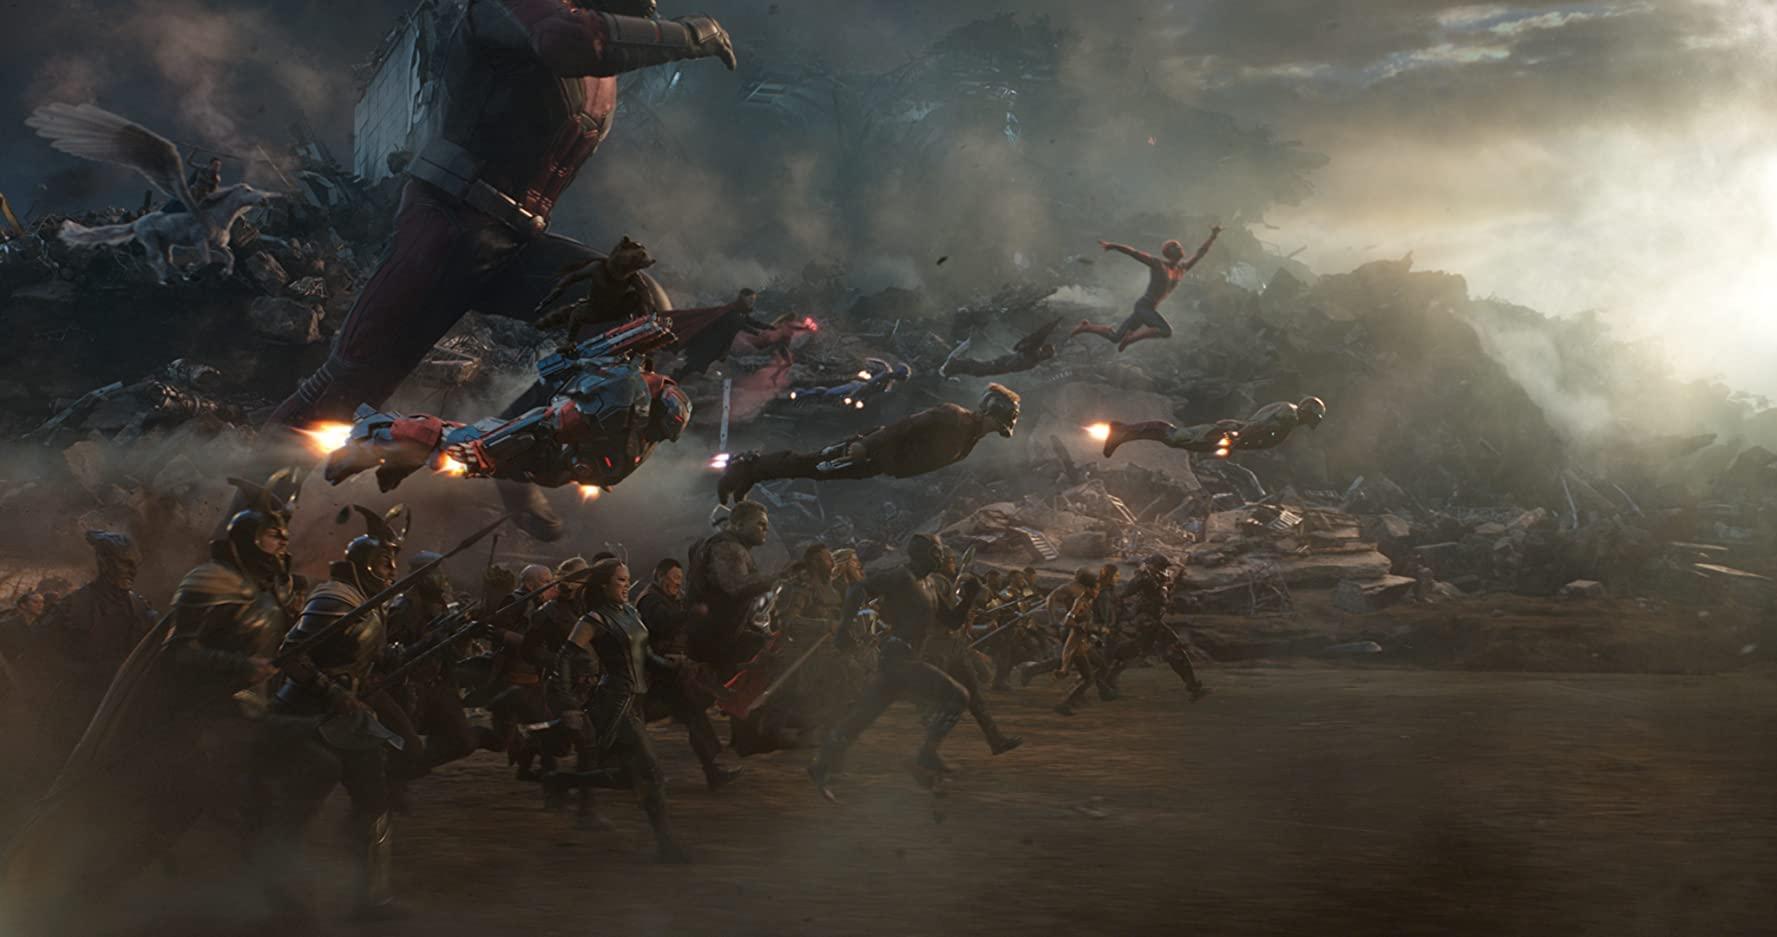 Final battle scene from Marvel Studios' Avengers: Endgame